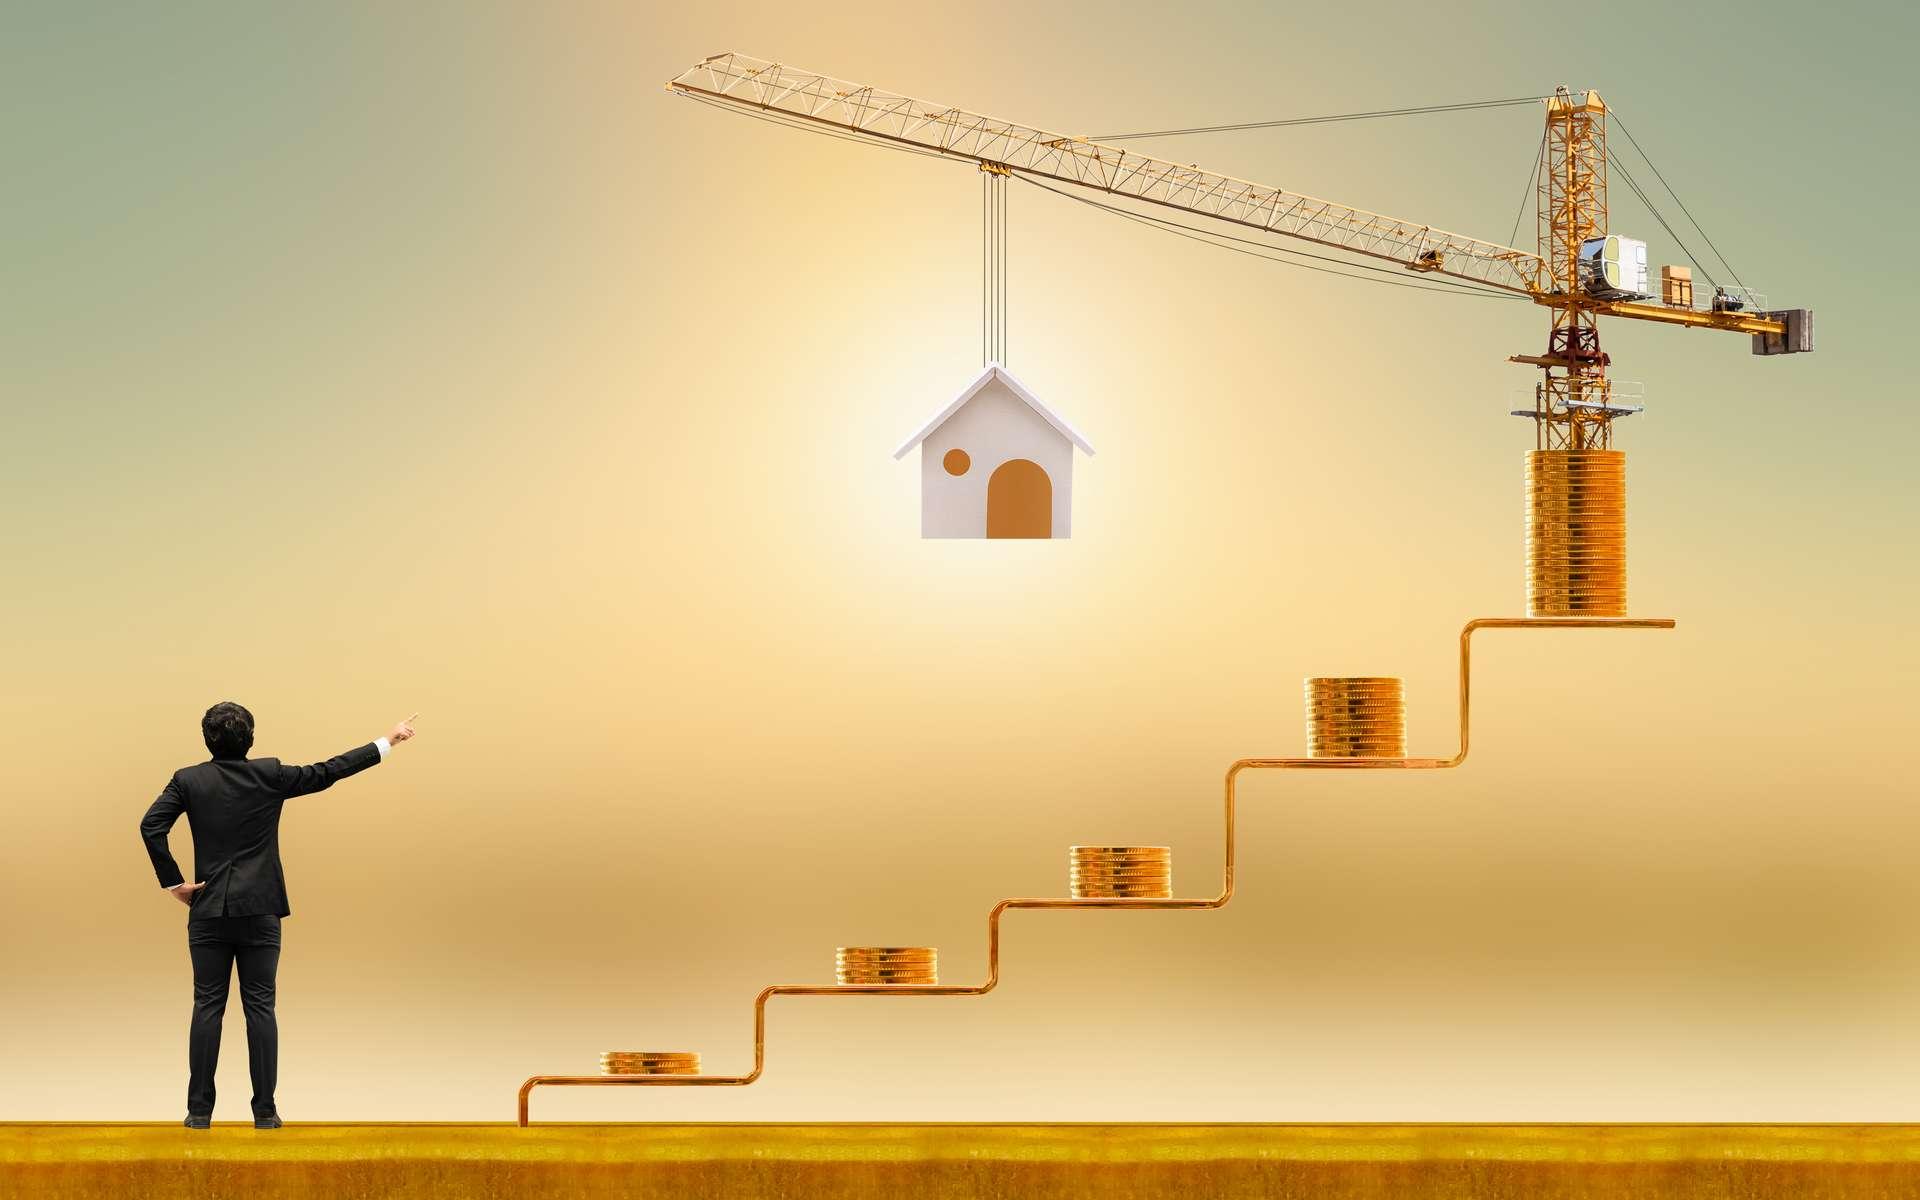 Investissement sécurisé avec un bon taux de rendement. © Watchara